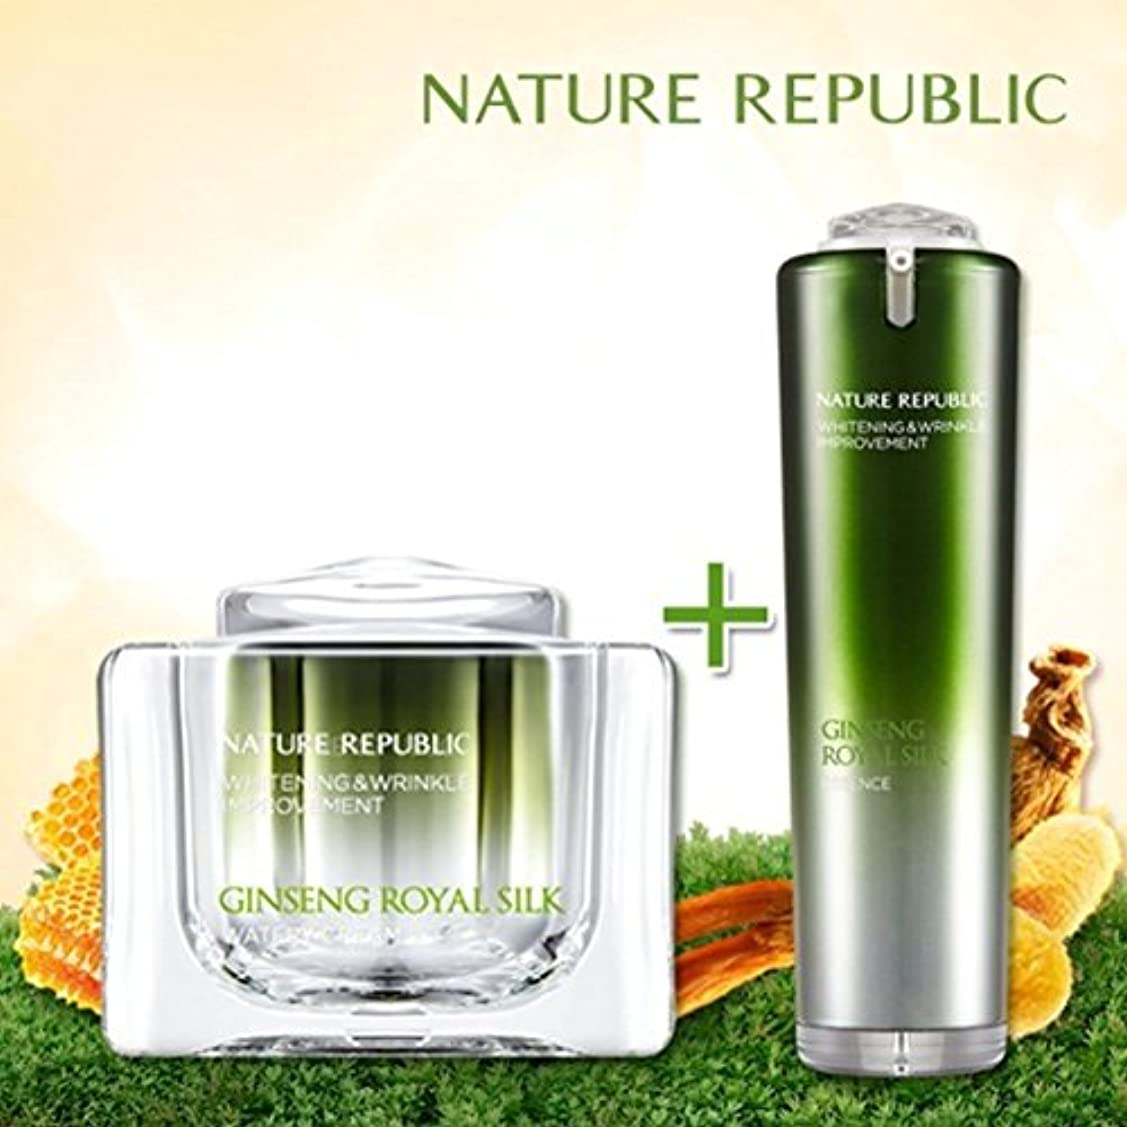 アルバム起きろ有害NATURE REPUBLIC/高麗人参ロイヤルシルクウォーターリークリーム+エッセンス Nature Republic、Ginseng Royal silk Watery Cream+Essence(海外直送品)